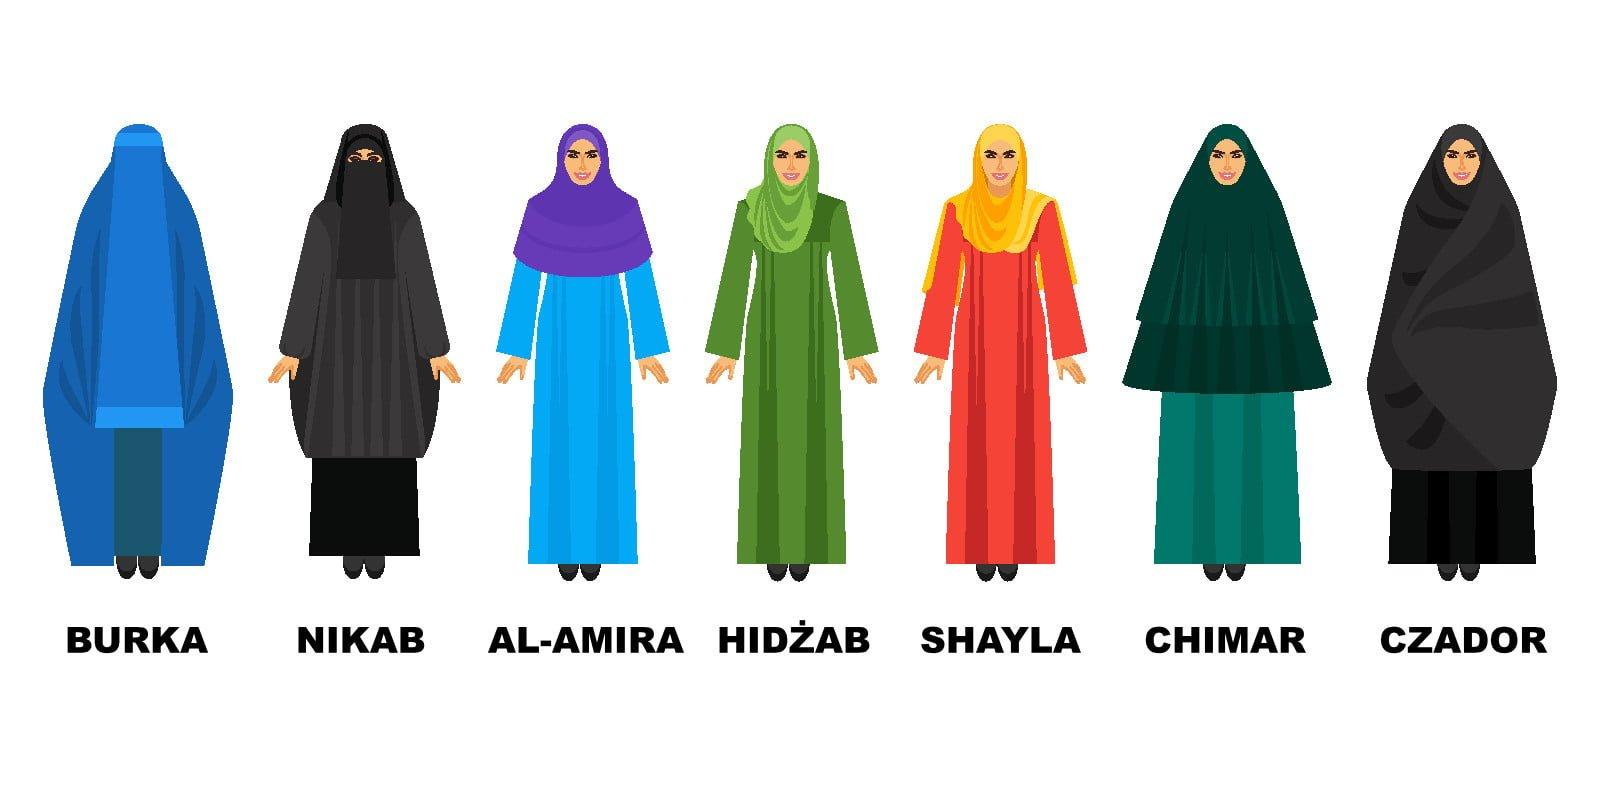 Rodzaje nakryć muzułmańskich kobiet